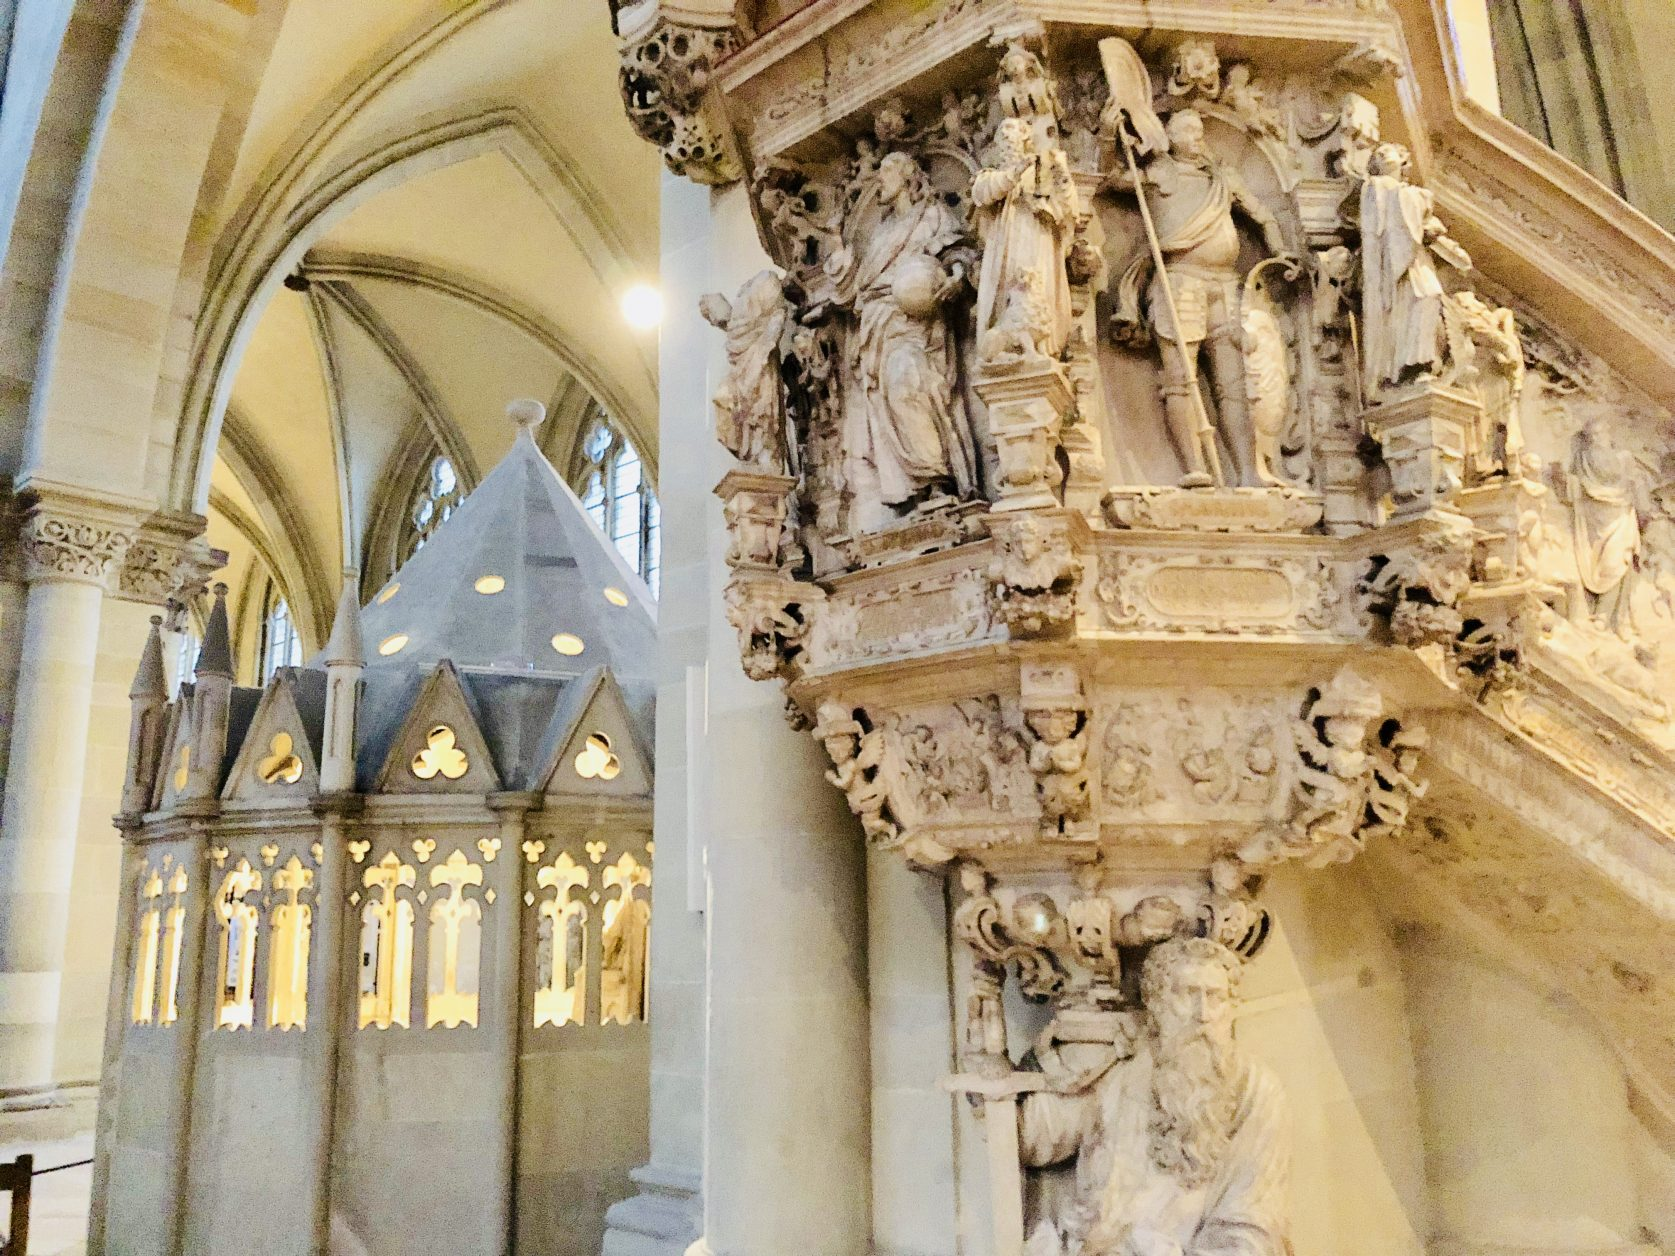 Die Kanzel des Magdeburger Domes zählt zu den bedeutendsten Renaissancekunstwerken in Deutschland, Foto: Weirauch